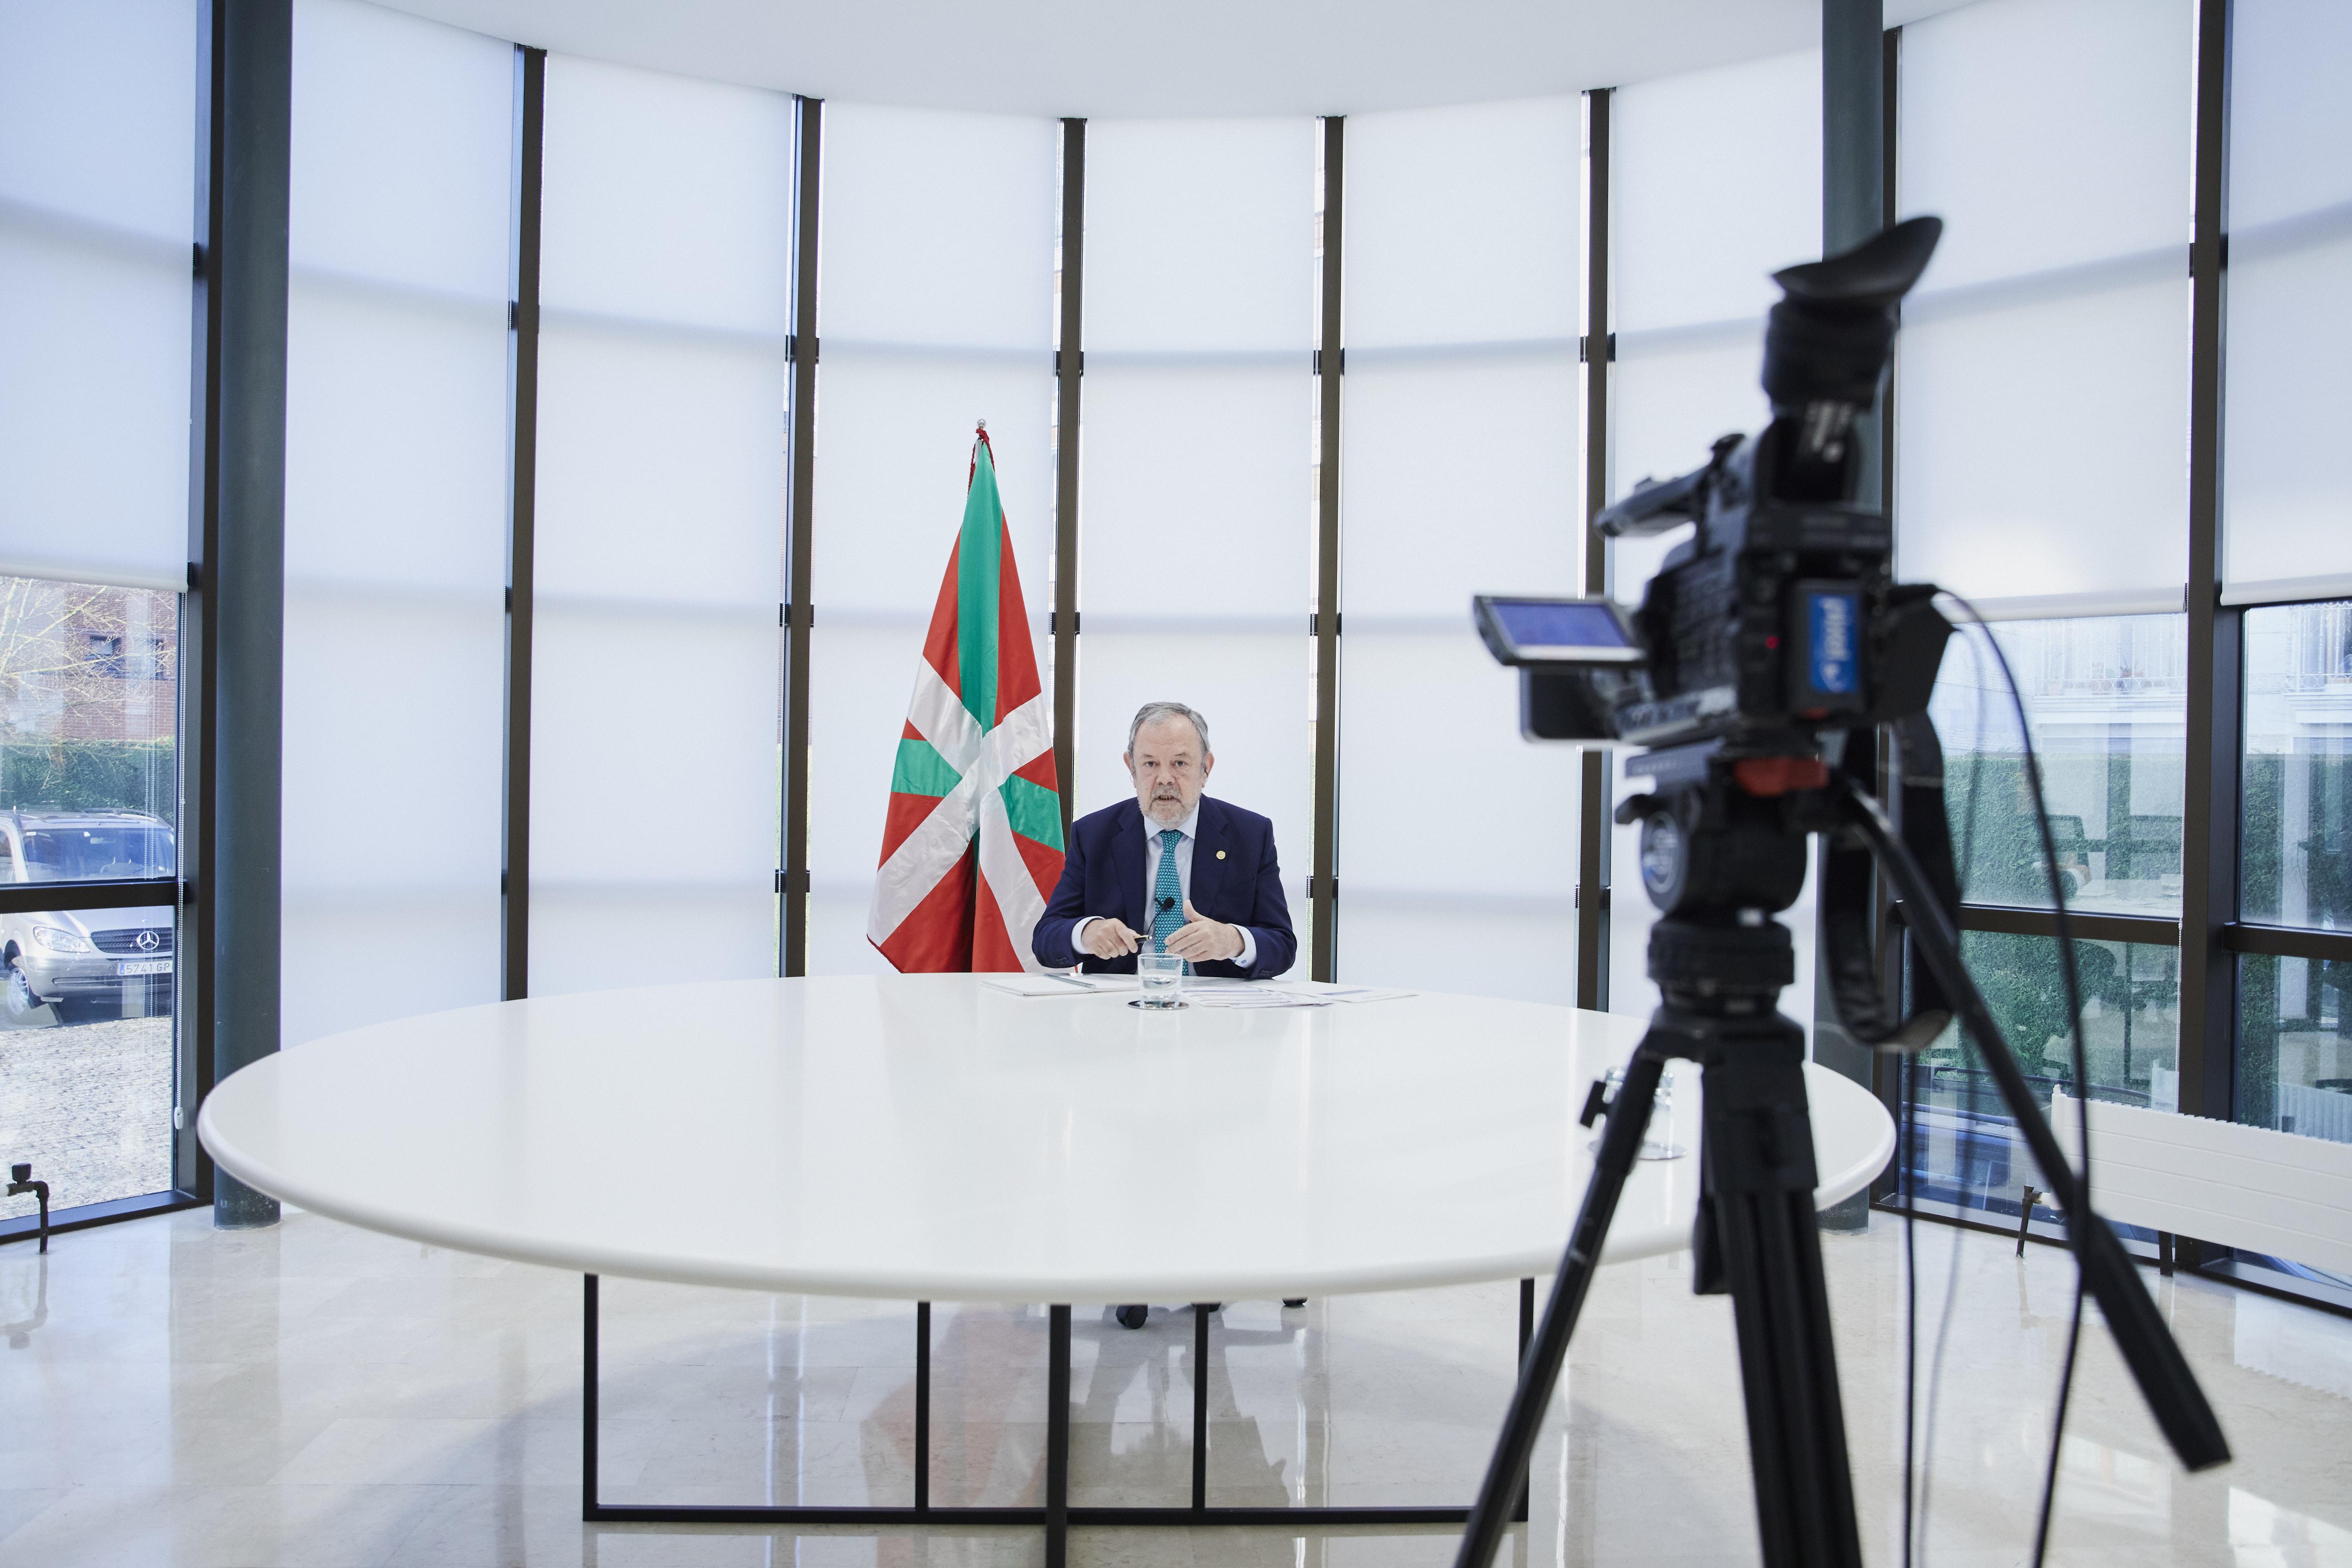 2020.04.08_Azpiazu_Radio_Euskadi_007.jpg